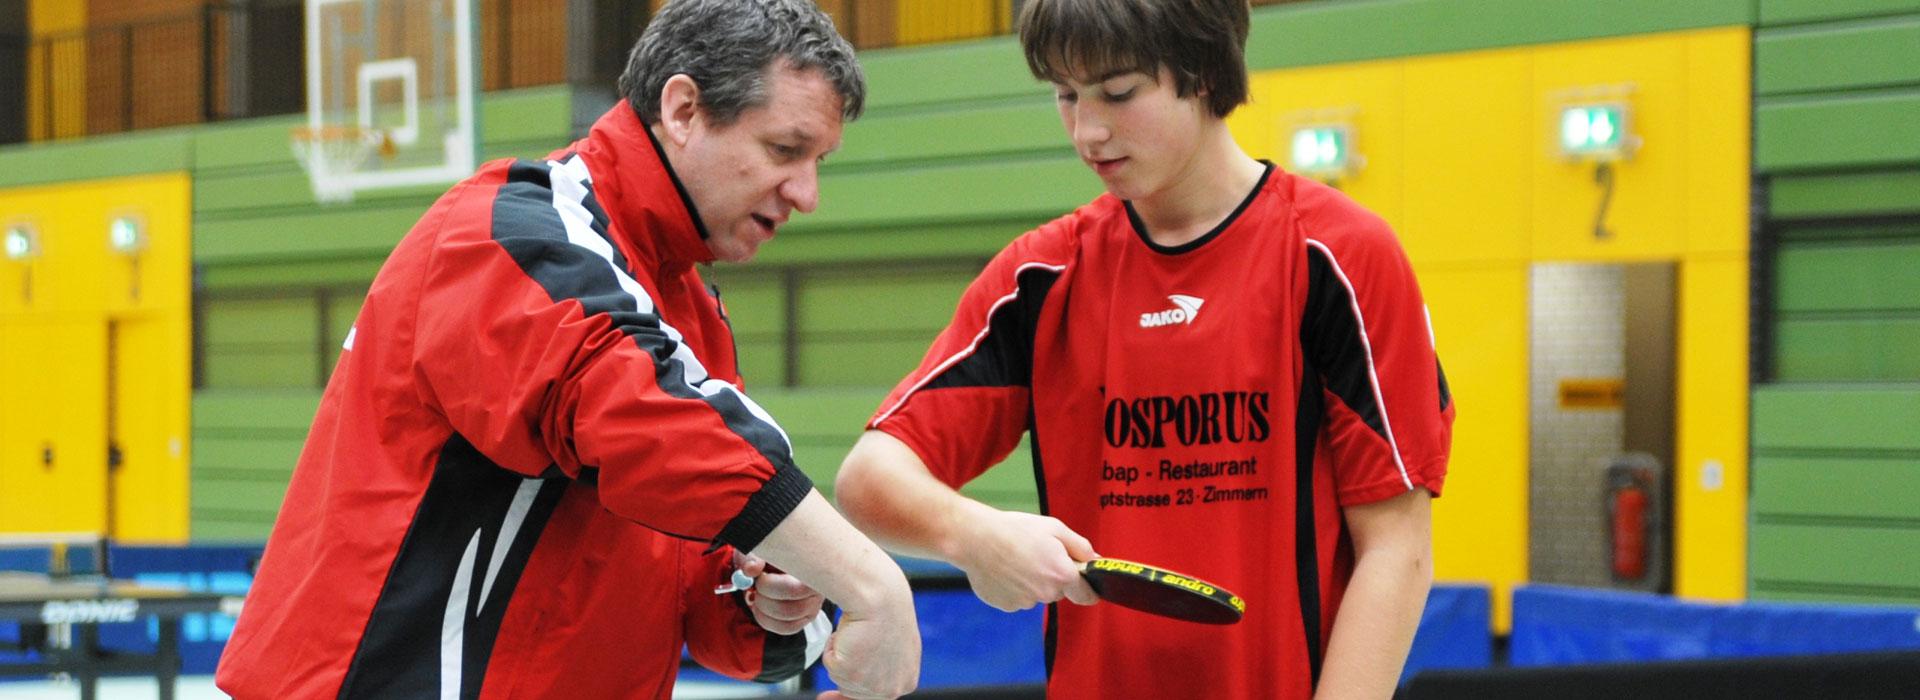 Professionelle Tischtennis-Trainer mit Arbeitsniveau A Lizenz / Diplomtrainer. Hier stellen wir Ihnen unser aktuelles Team vor.